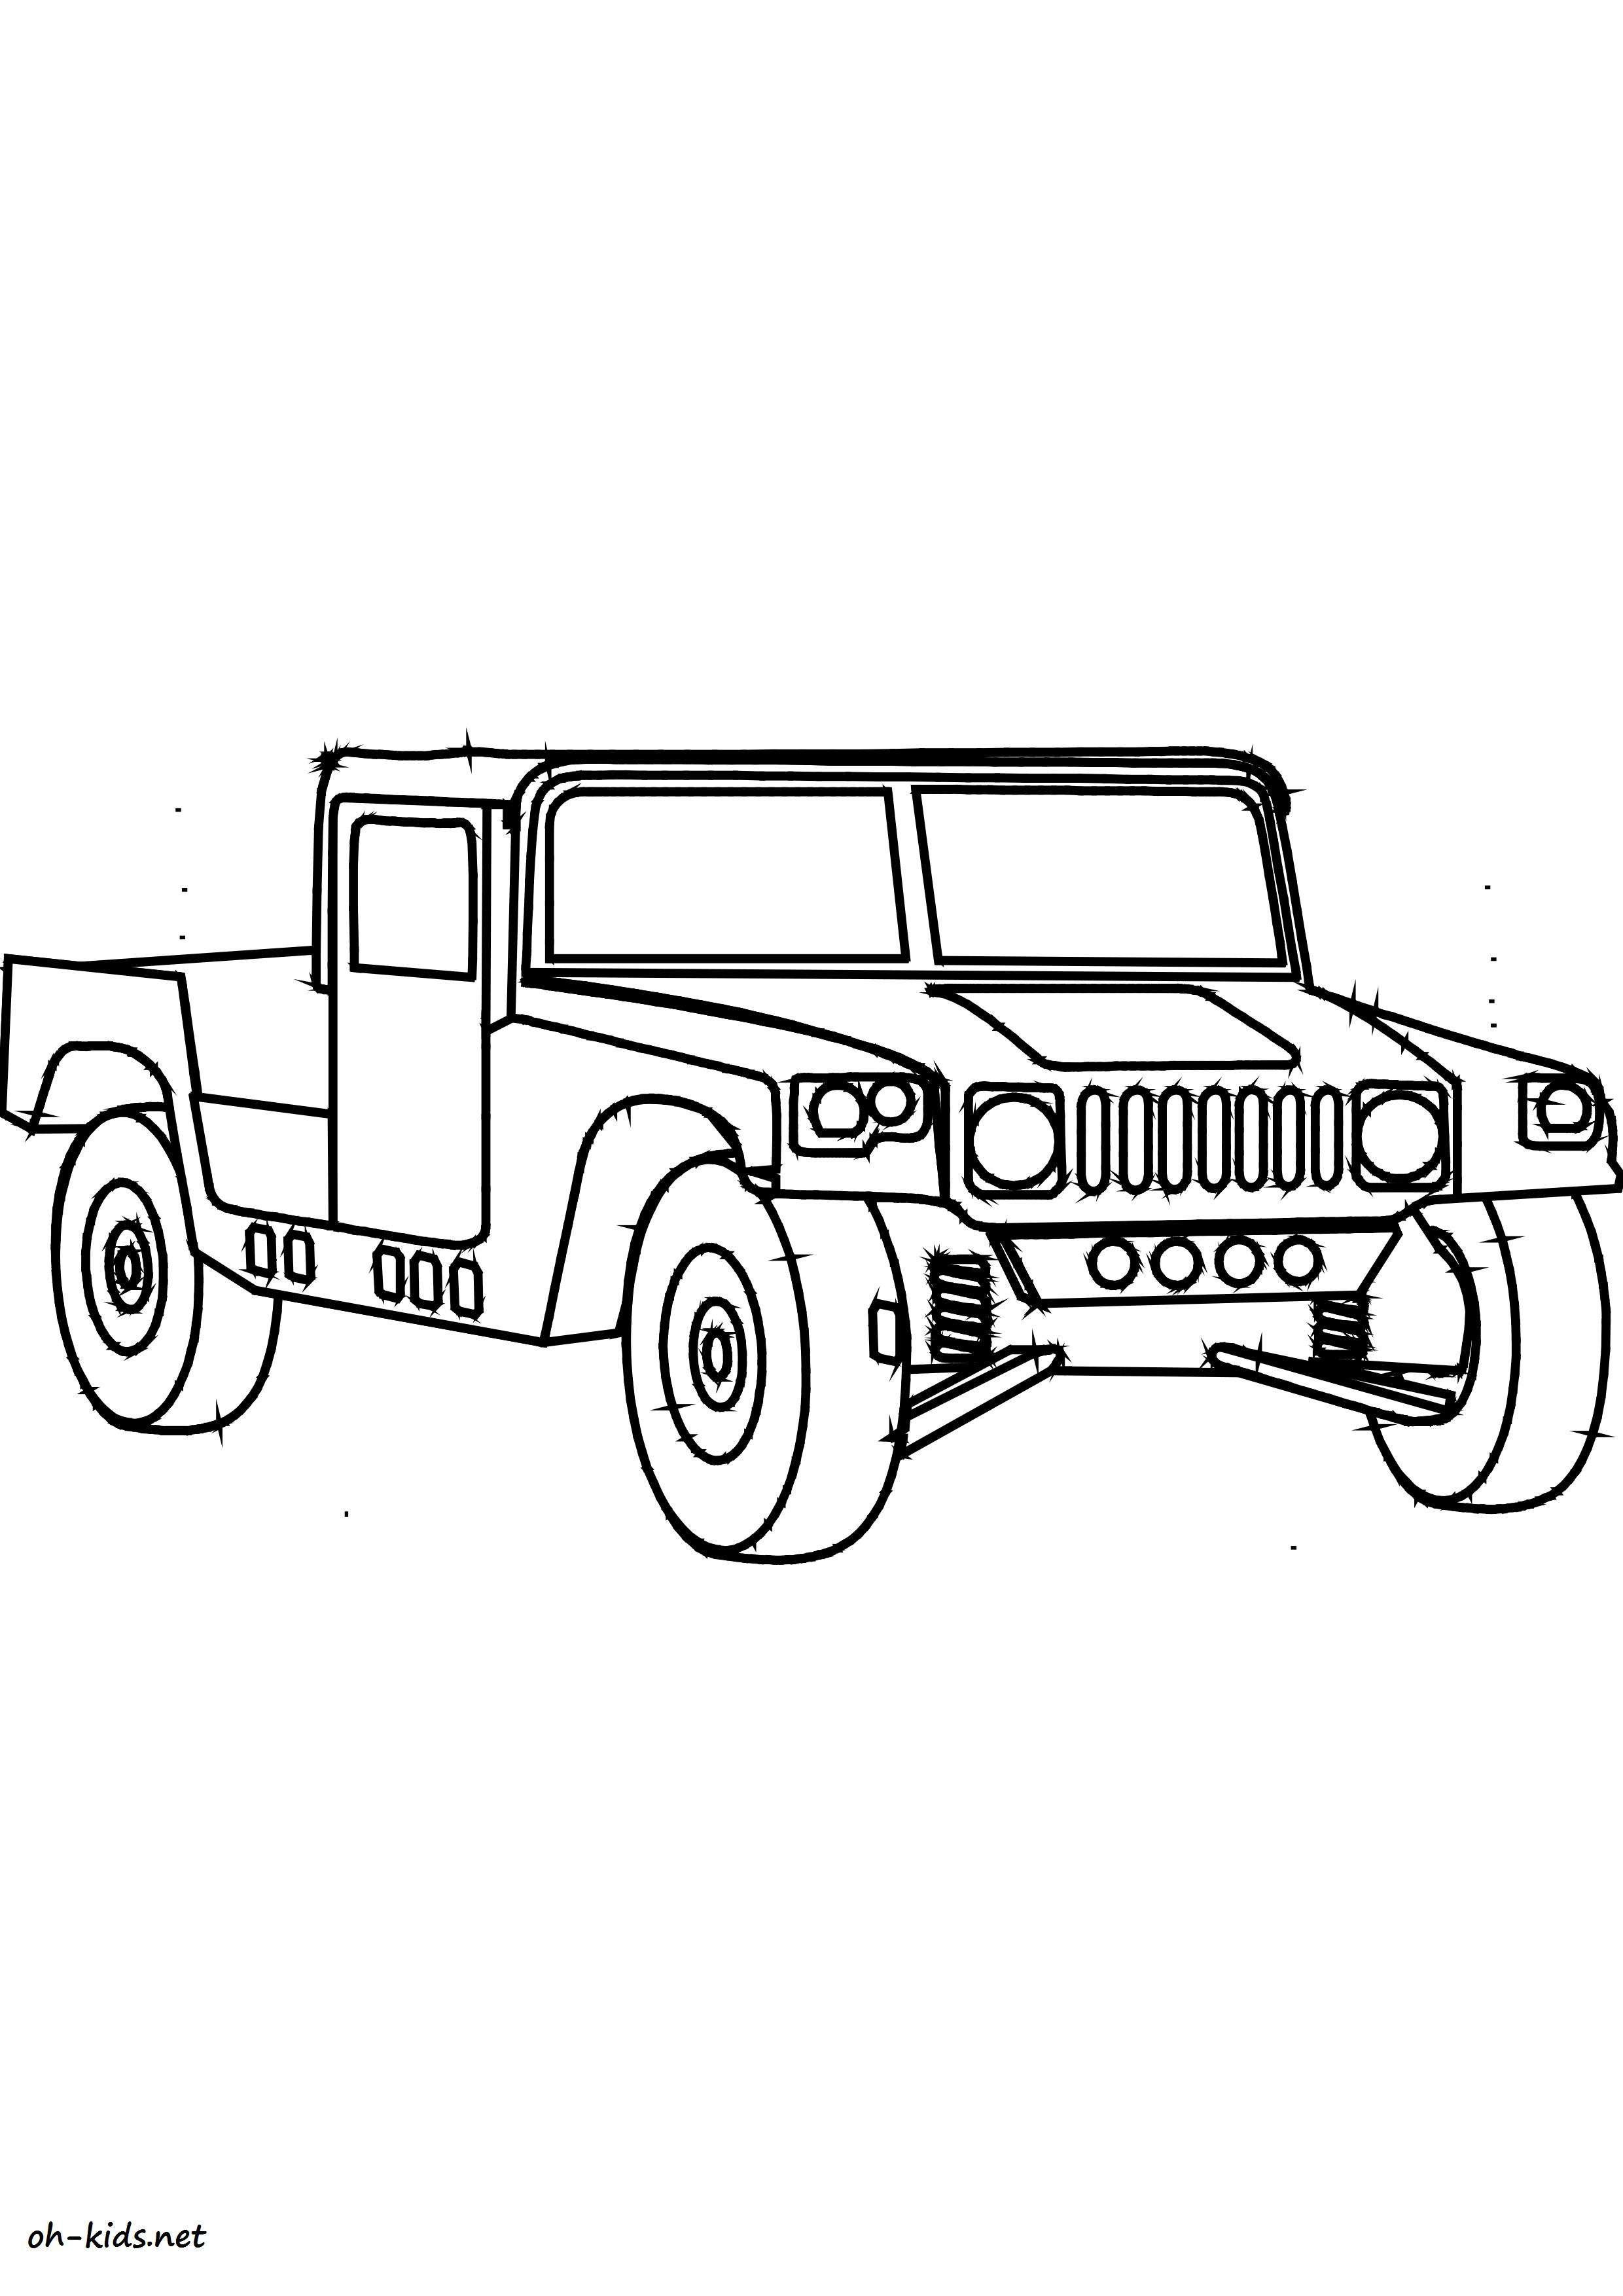 coloriage de automobile à colorier - Dessin #1432